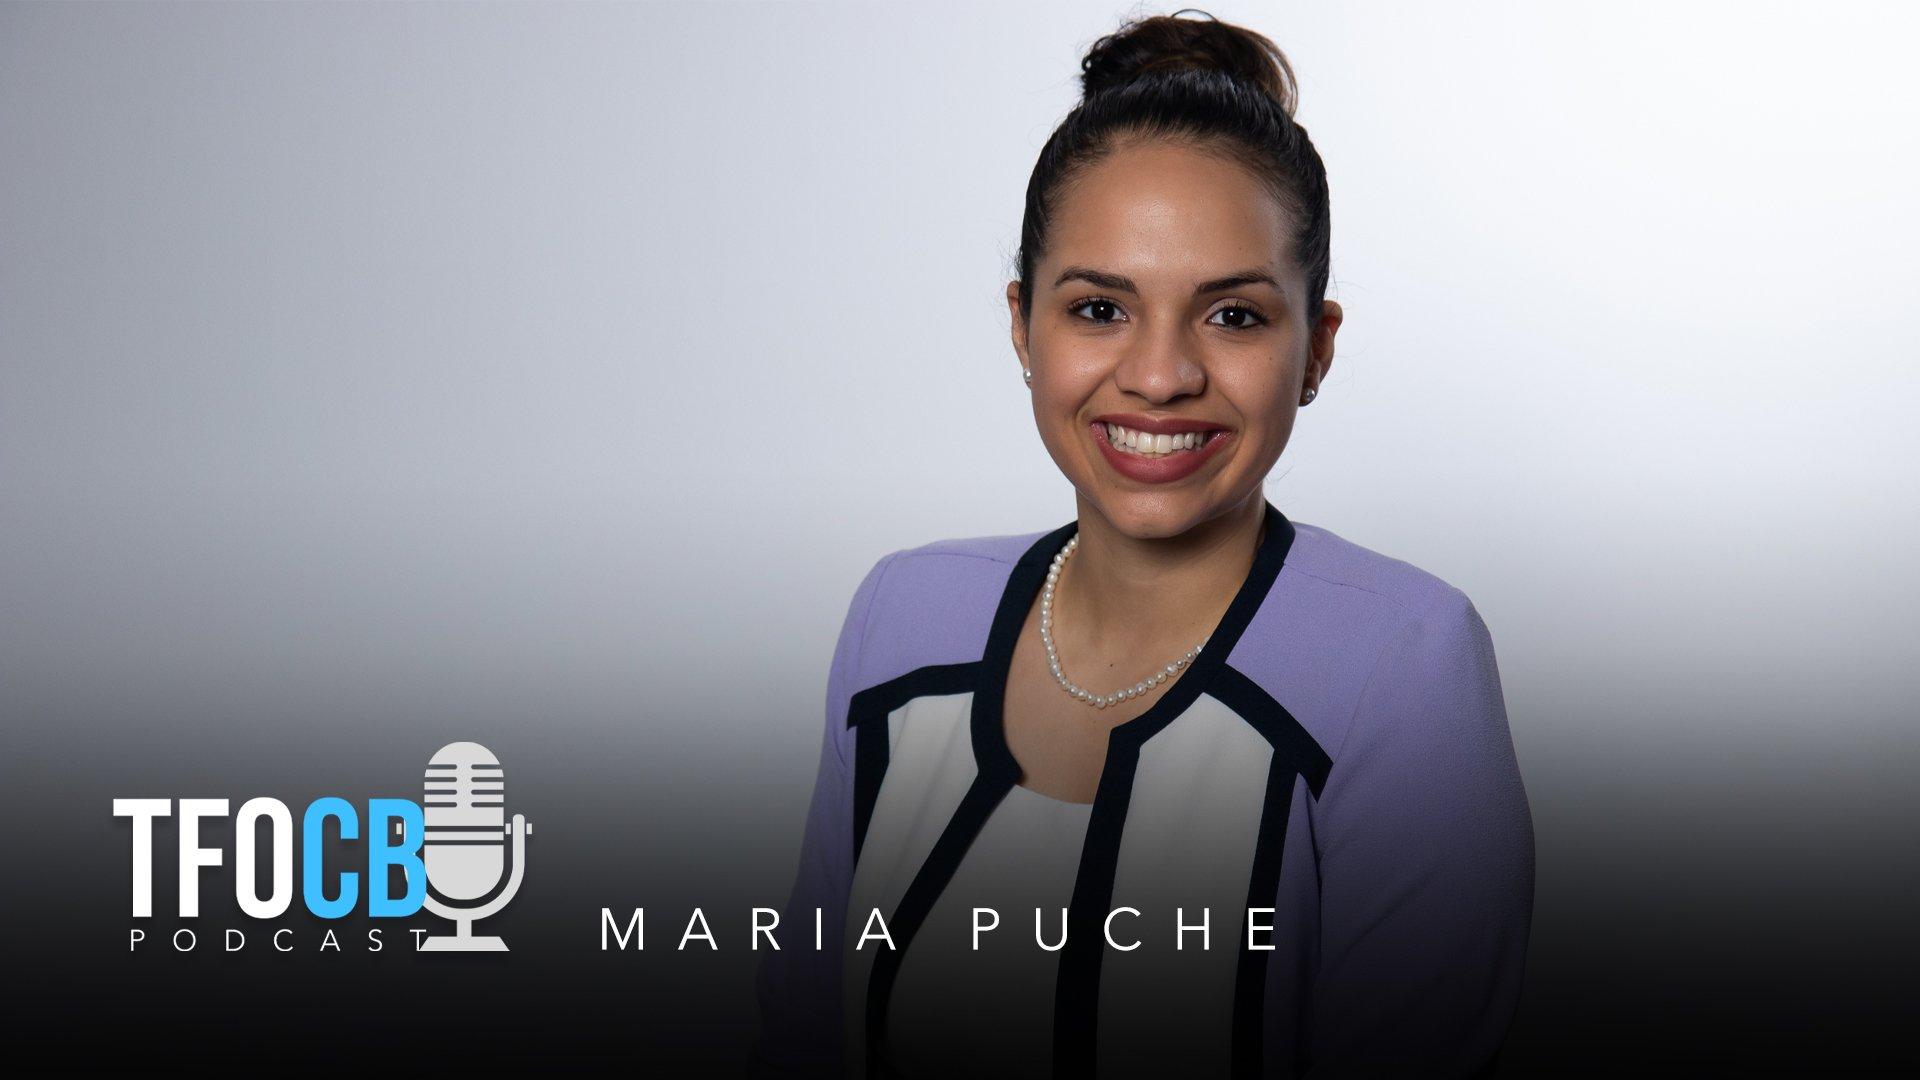 tfocb podcast maria puche